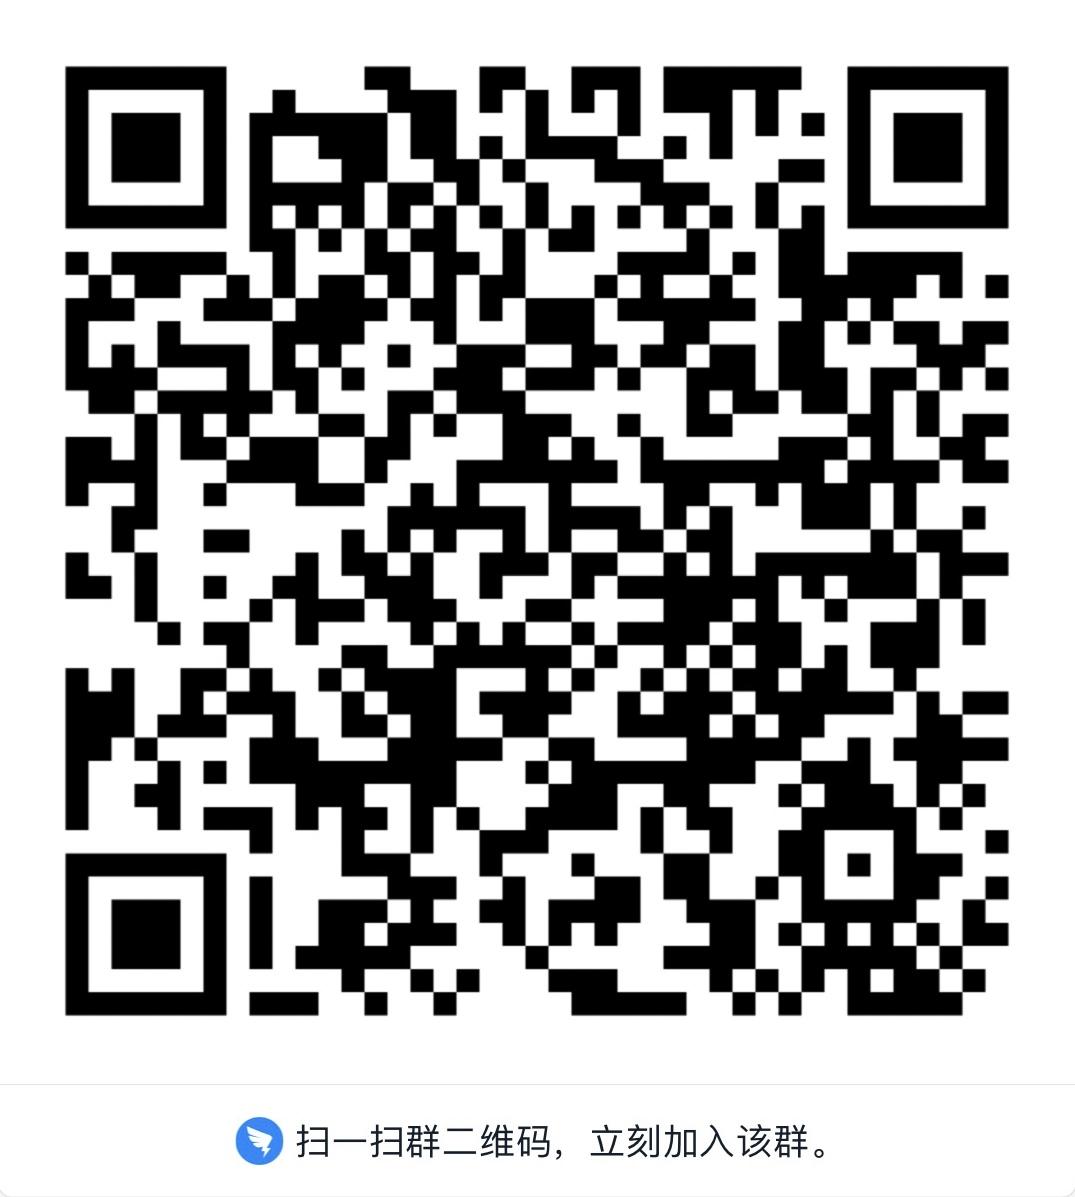 1edef6afdd39401ca610f9345dad2e61.jpg